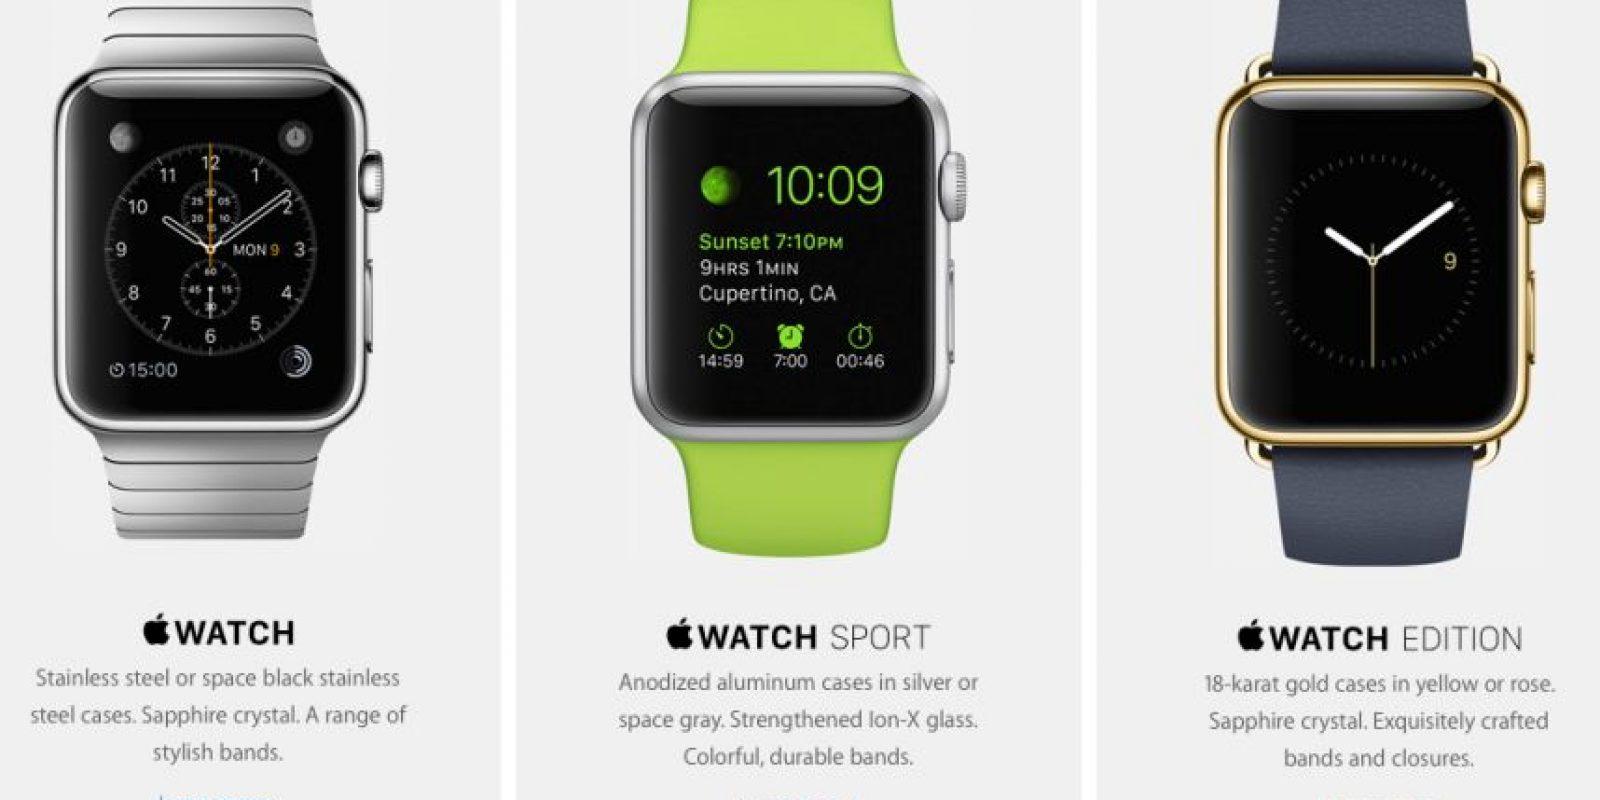 Estas son las tres versiones del Apple Watch que serán lanzadas en unos días. Foto:Apple